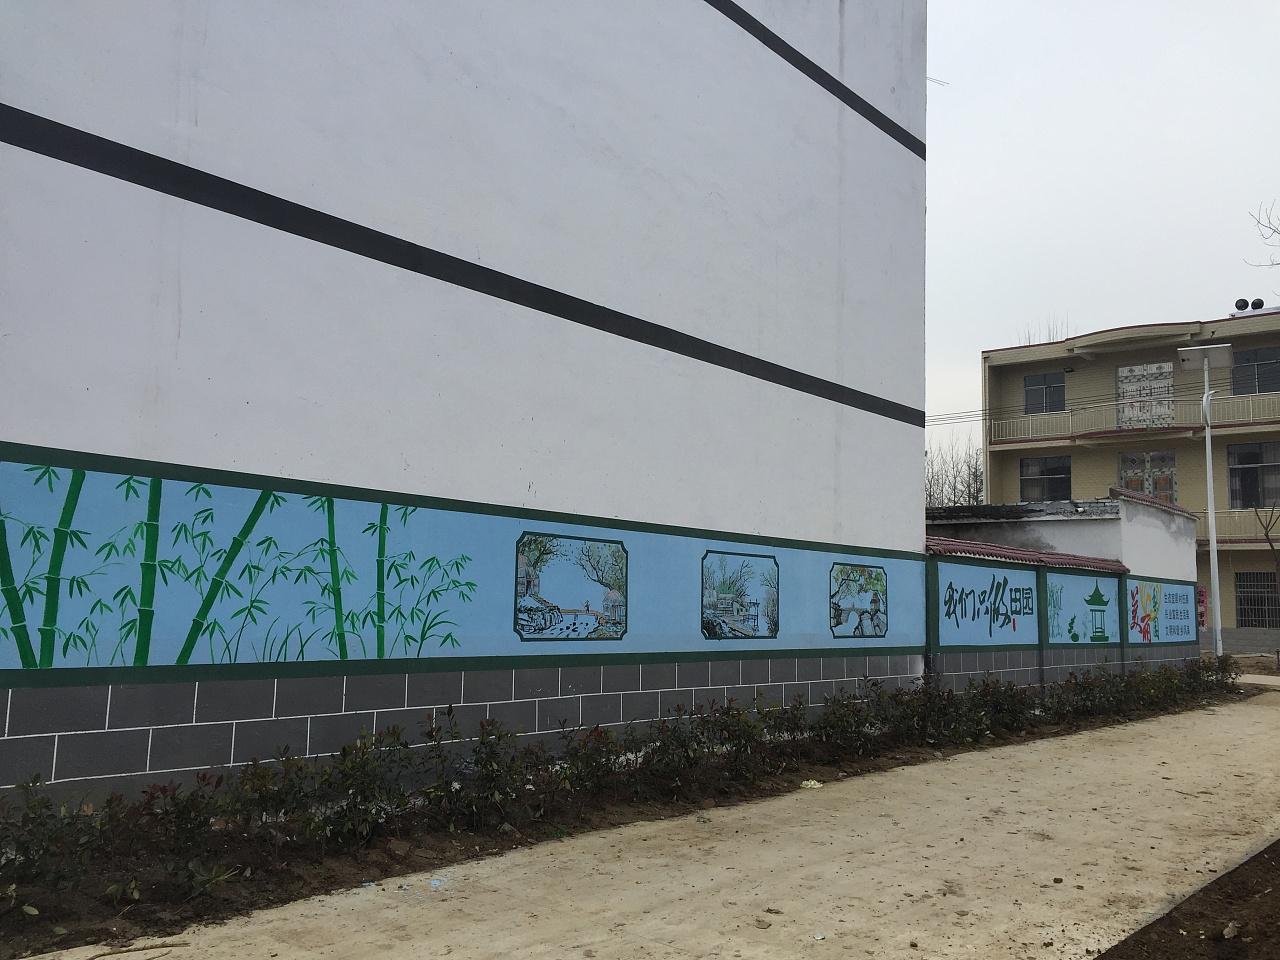 景德镇画画涂鸦,景德镇墙画彩绘,景德镇墙体绘画公司,景德镇新农村墙体彩绘